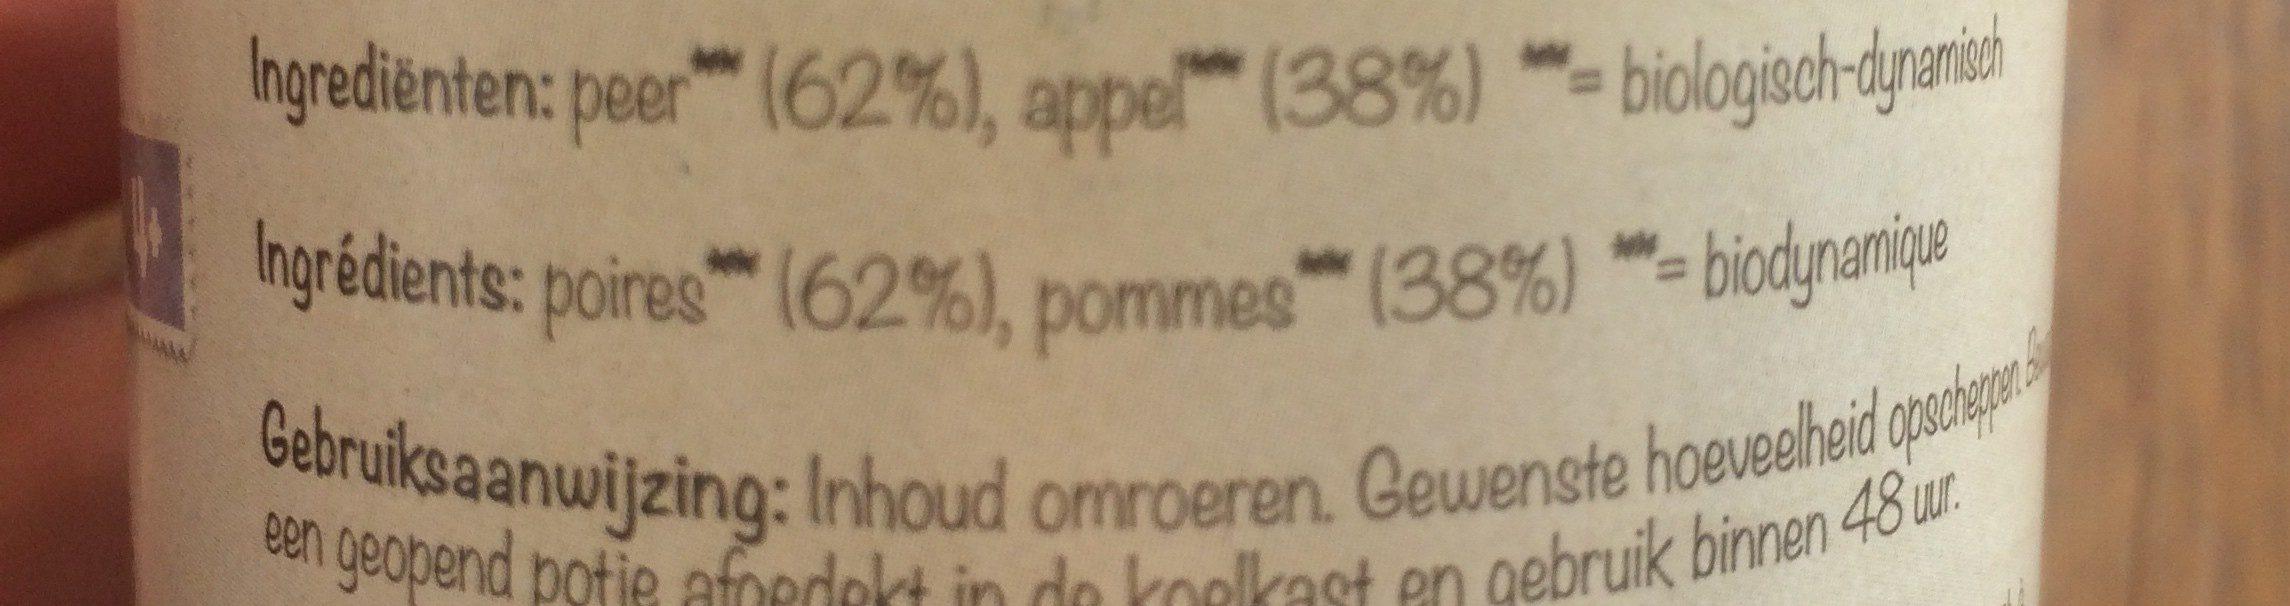 poires pommes - Ingredients - fr